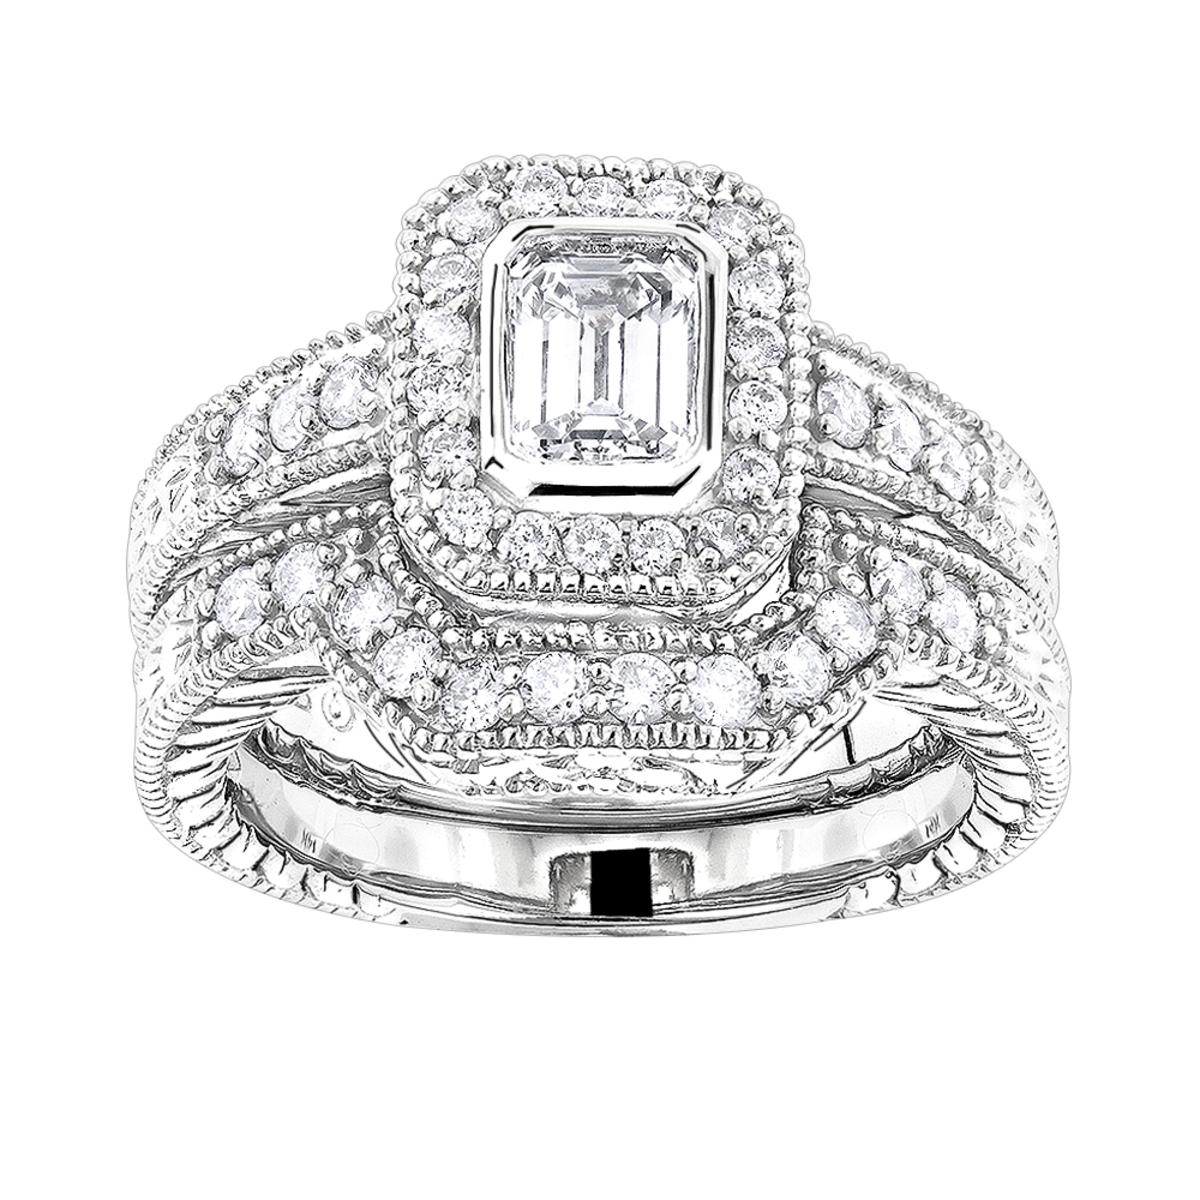 14K Gold Diamond Unique Engagement Ring Set 1.03ct